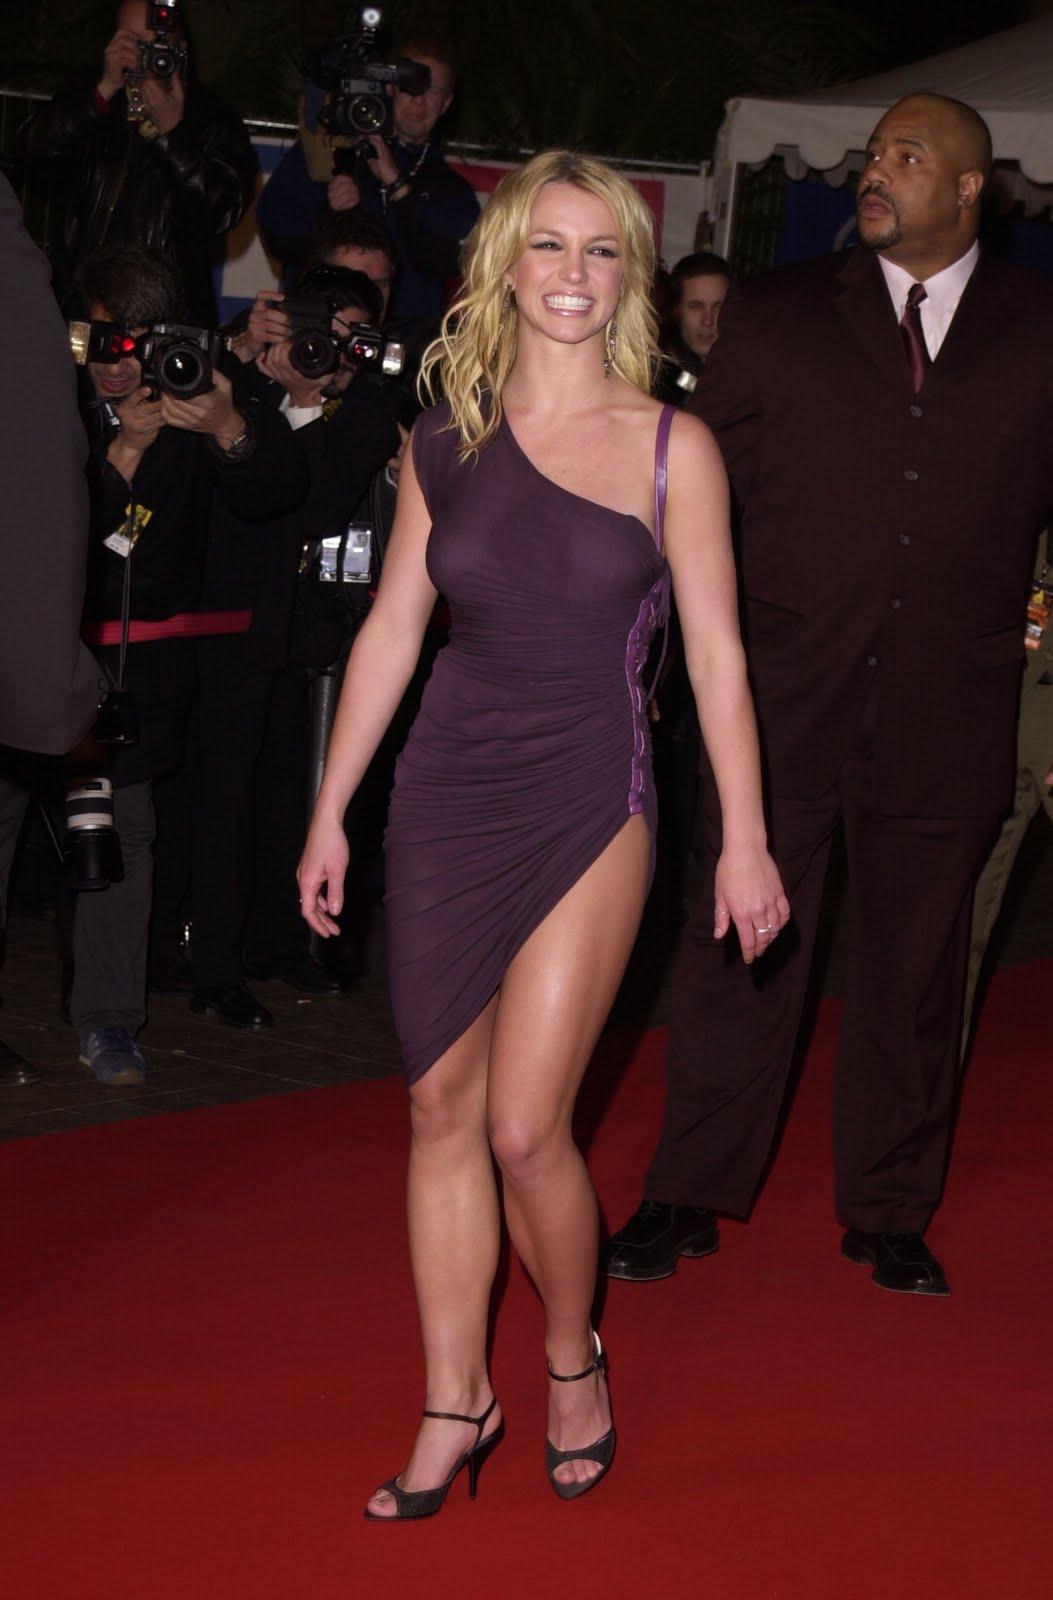 Kate Beckinsale And Jessica Biel Awards Show